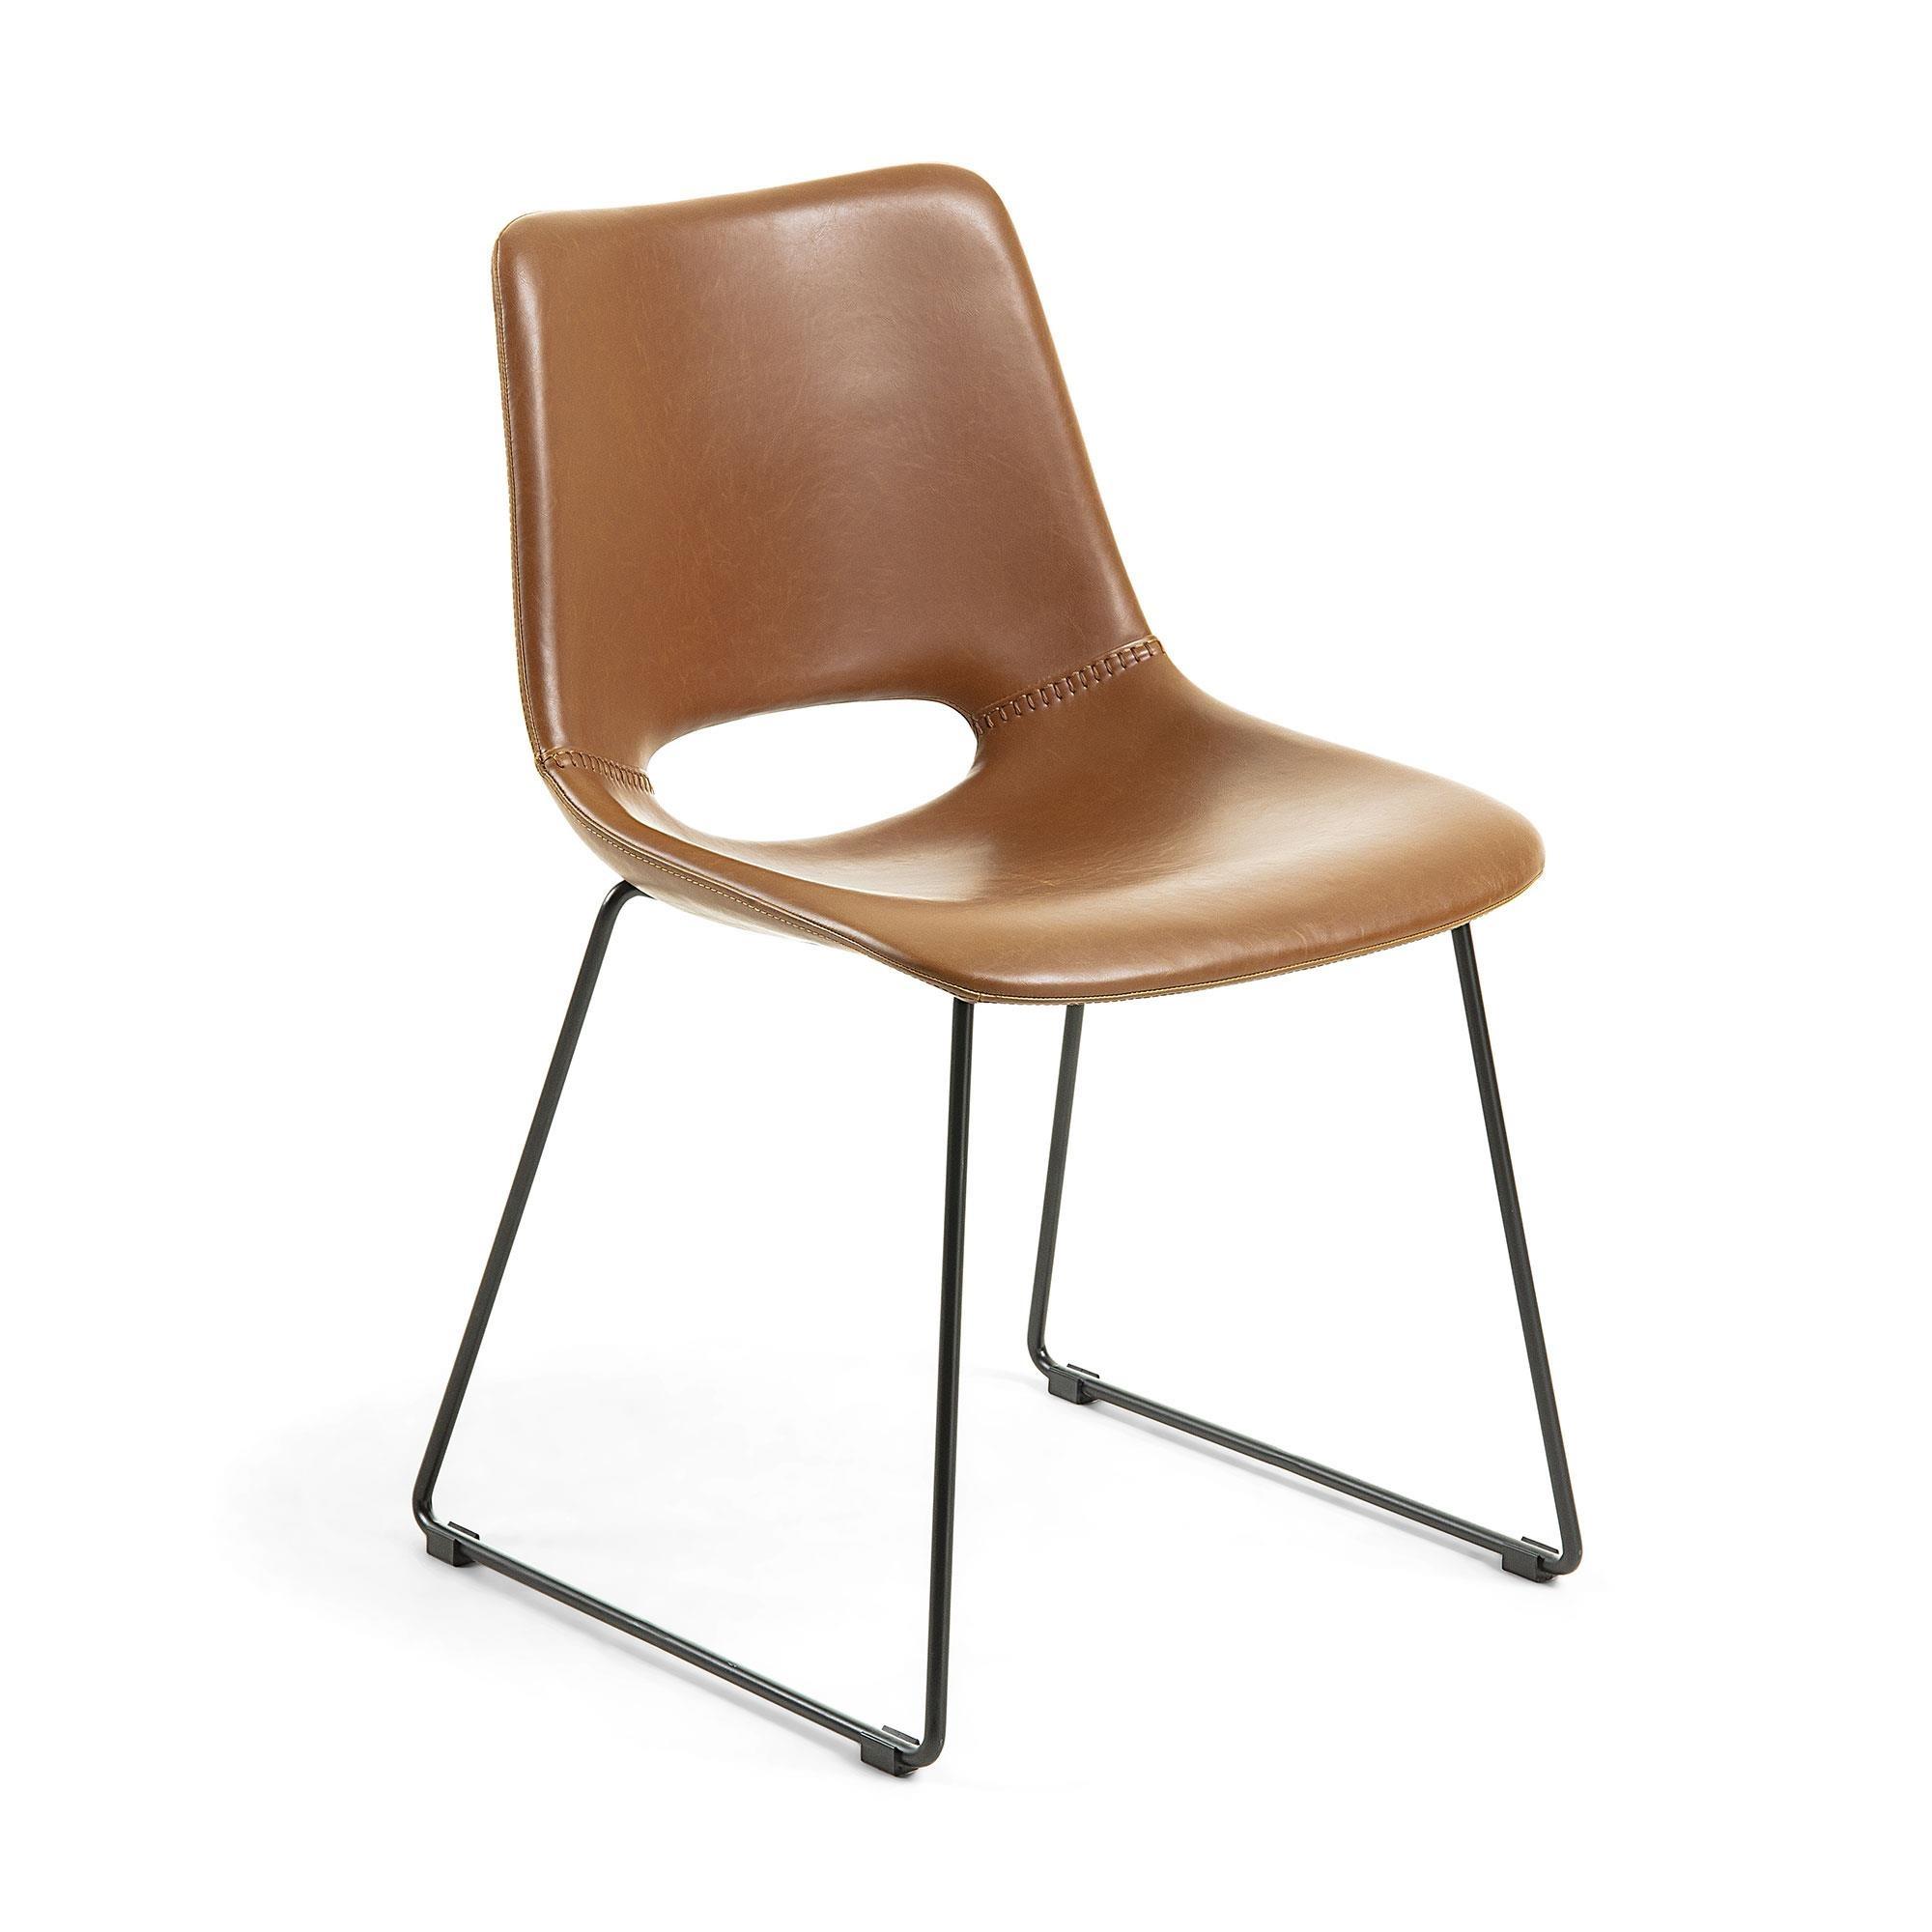 Krzesło HOLGEN 49x55 kolor brązowy